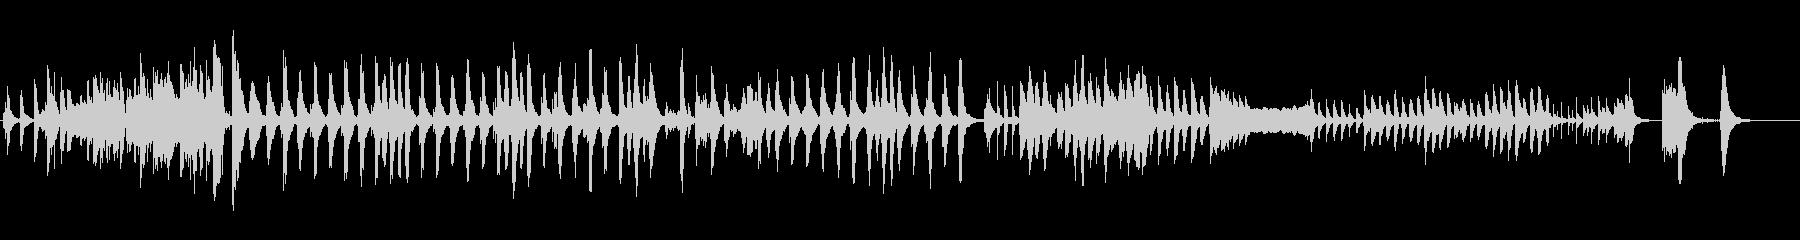 いたずらっぽく、ほっこりとしたBGMの未再生の波形